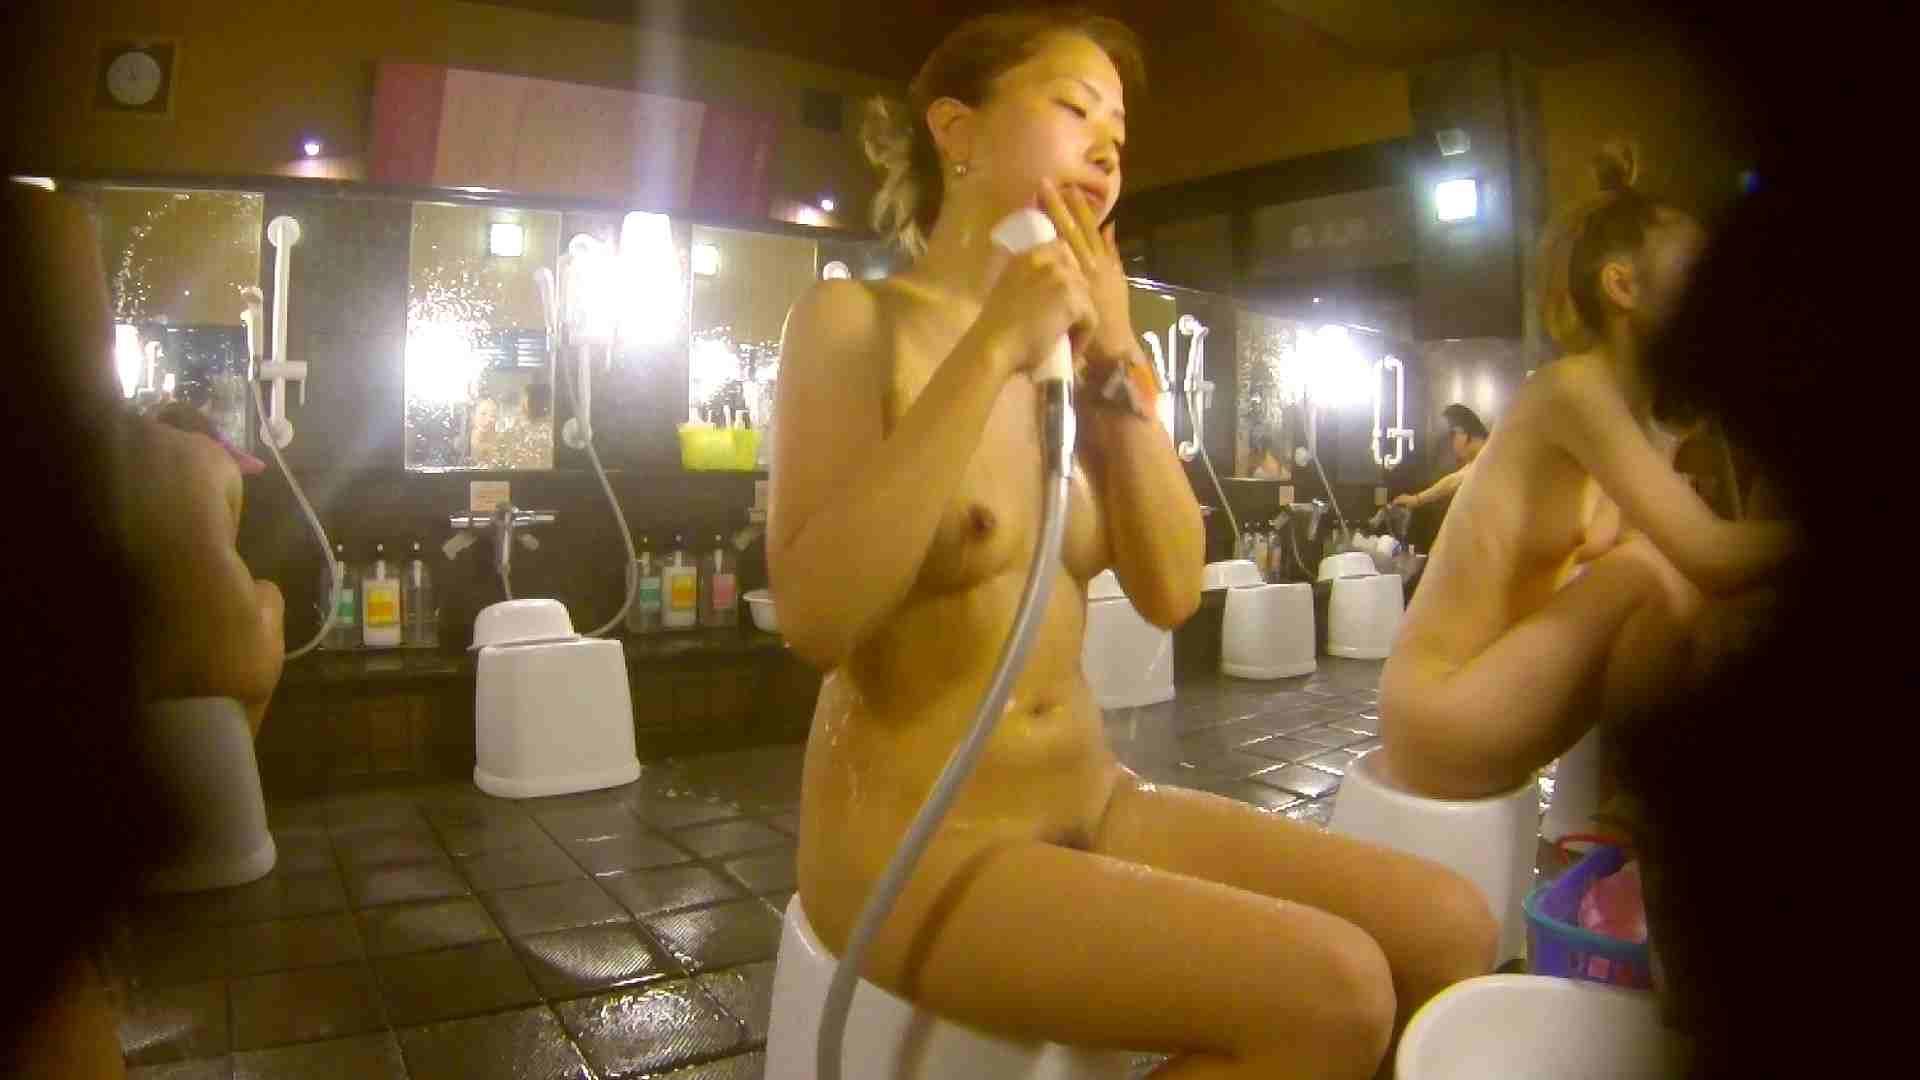 追い撮り!脱衣~洗い場、そして着替え、髪を乾かすまで完全追跡。 銭湯 隠し撮りセックス画像 87pic 30